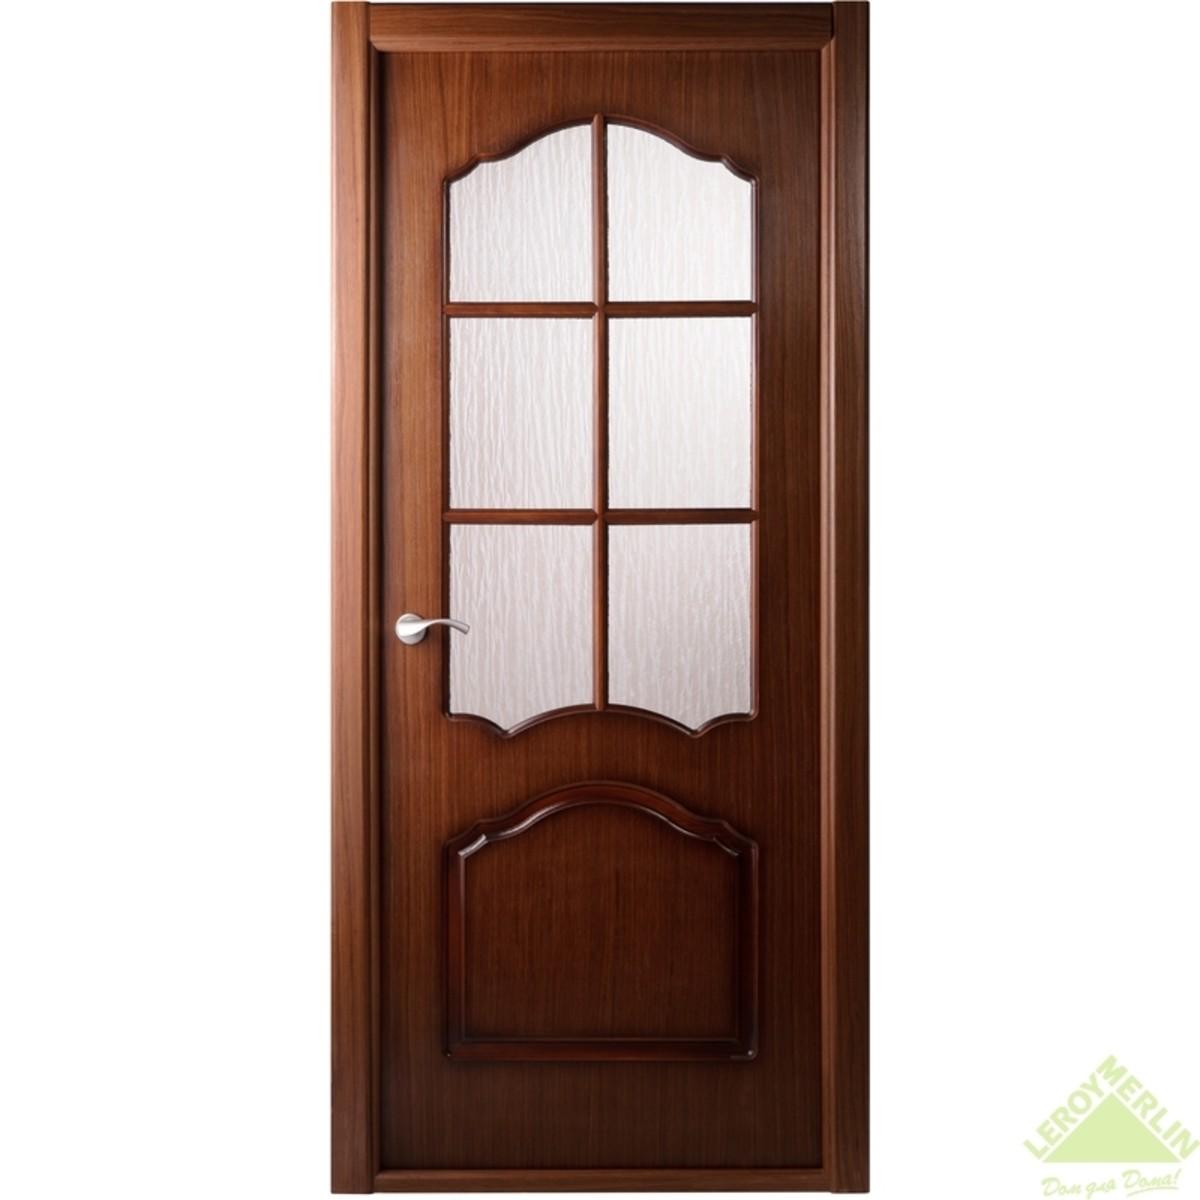 Дверь межкомнатная остеклённая Каролина 700x2000 мм орех